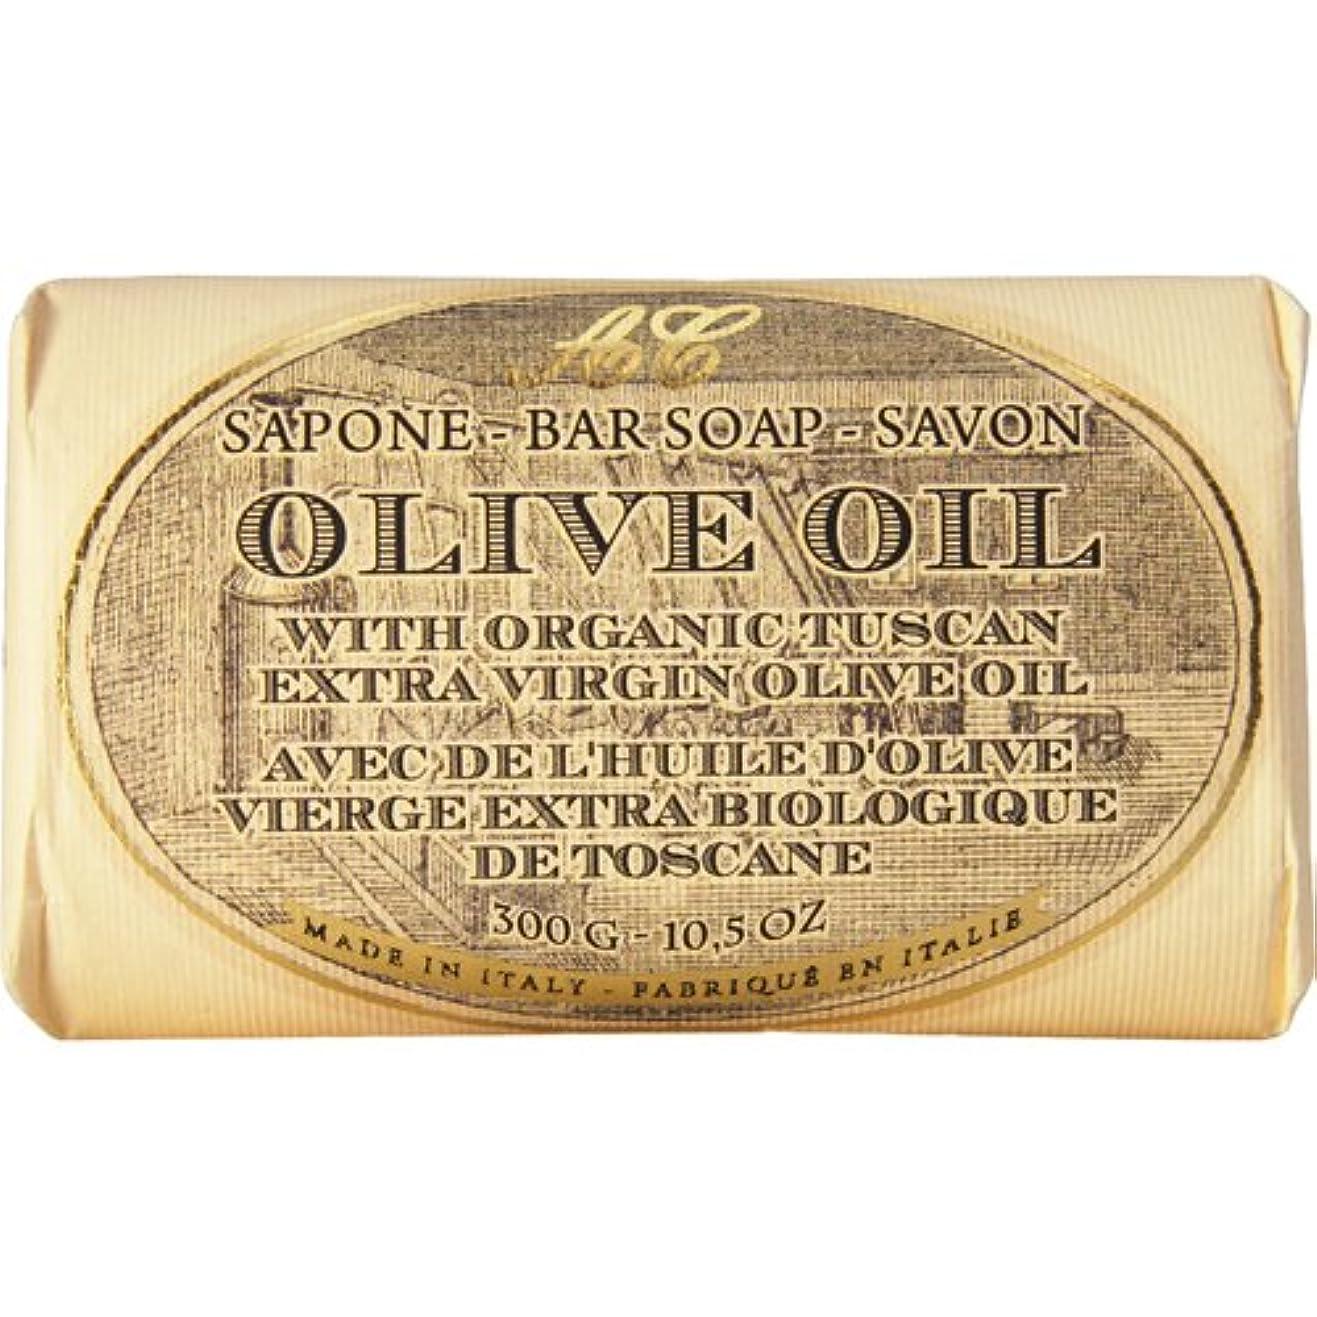 鬼ごっこ部屋を掃除するウガンダSaponerire Fissi レトロシリーズ Bar Soap バーソープ 300g Olive Oil オリーブオイル